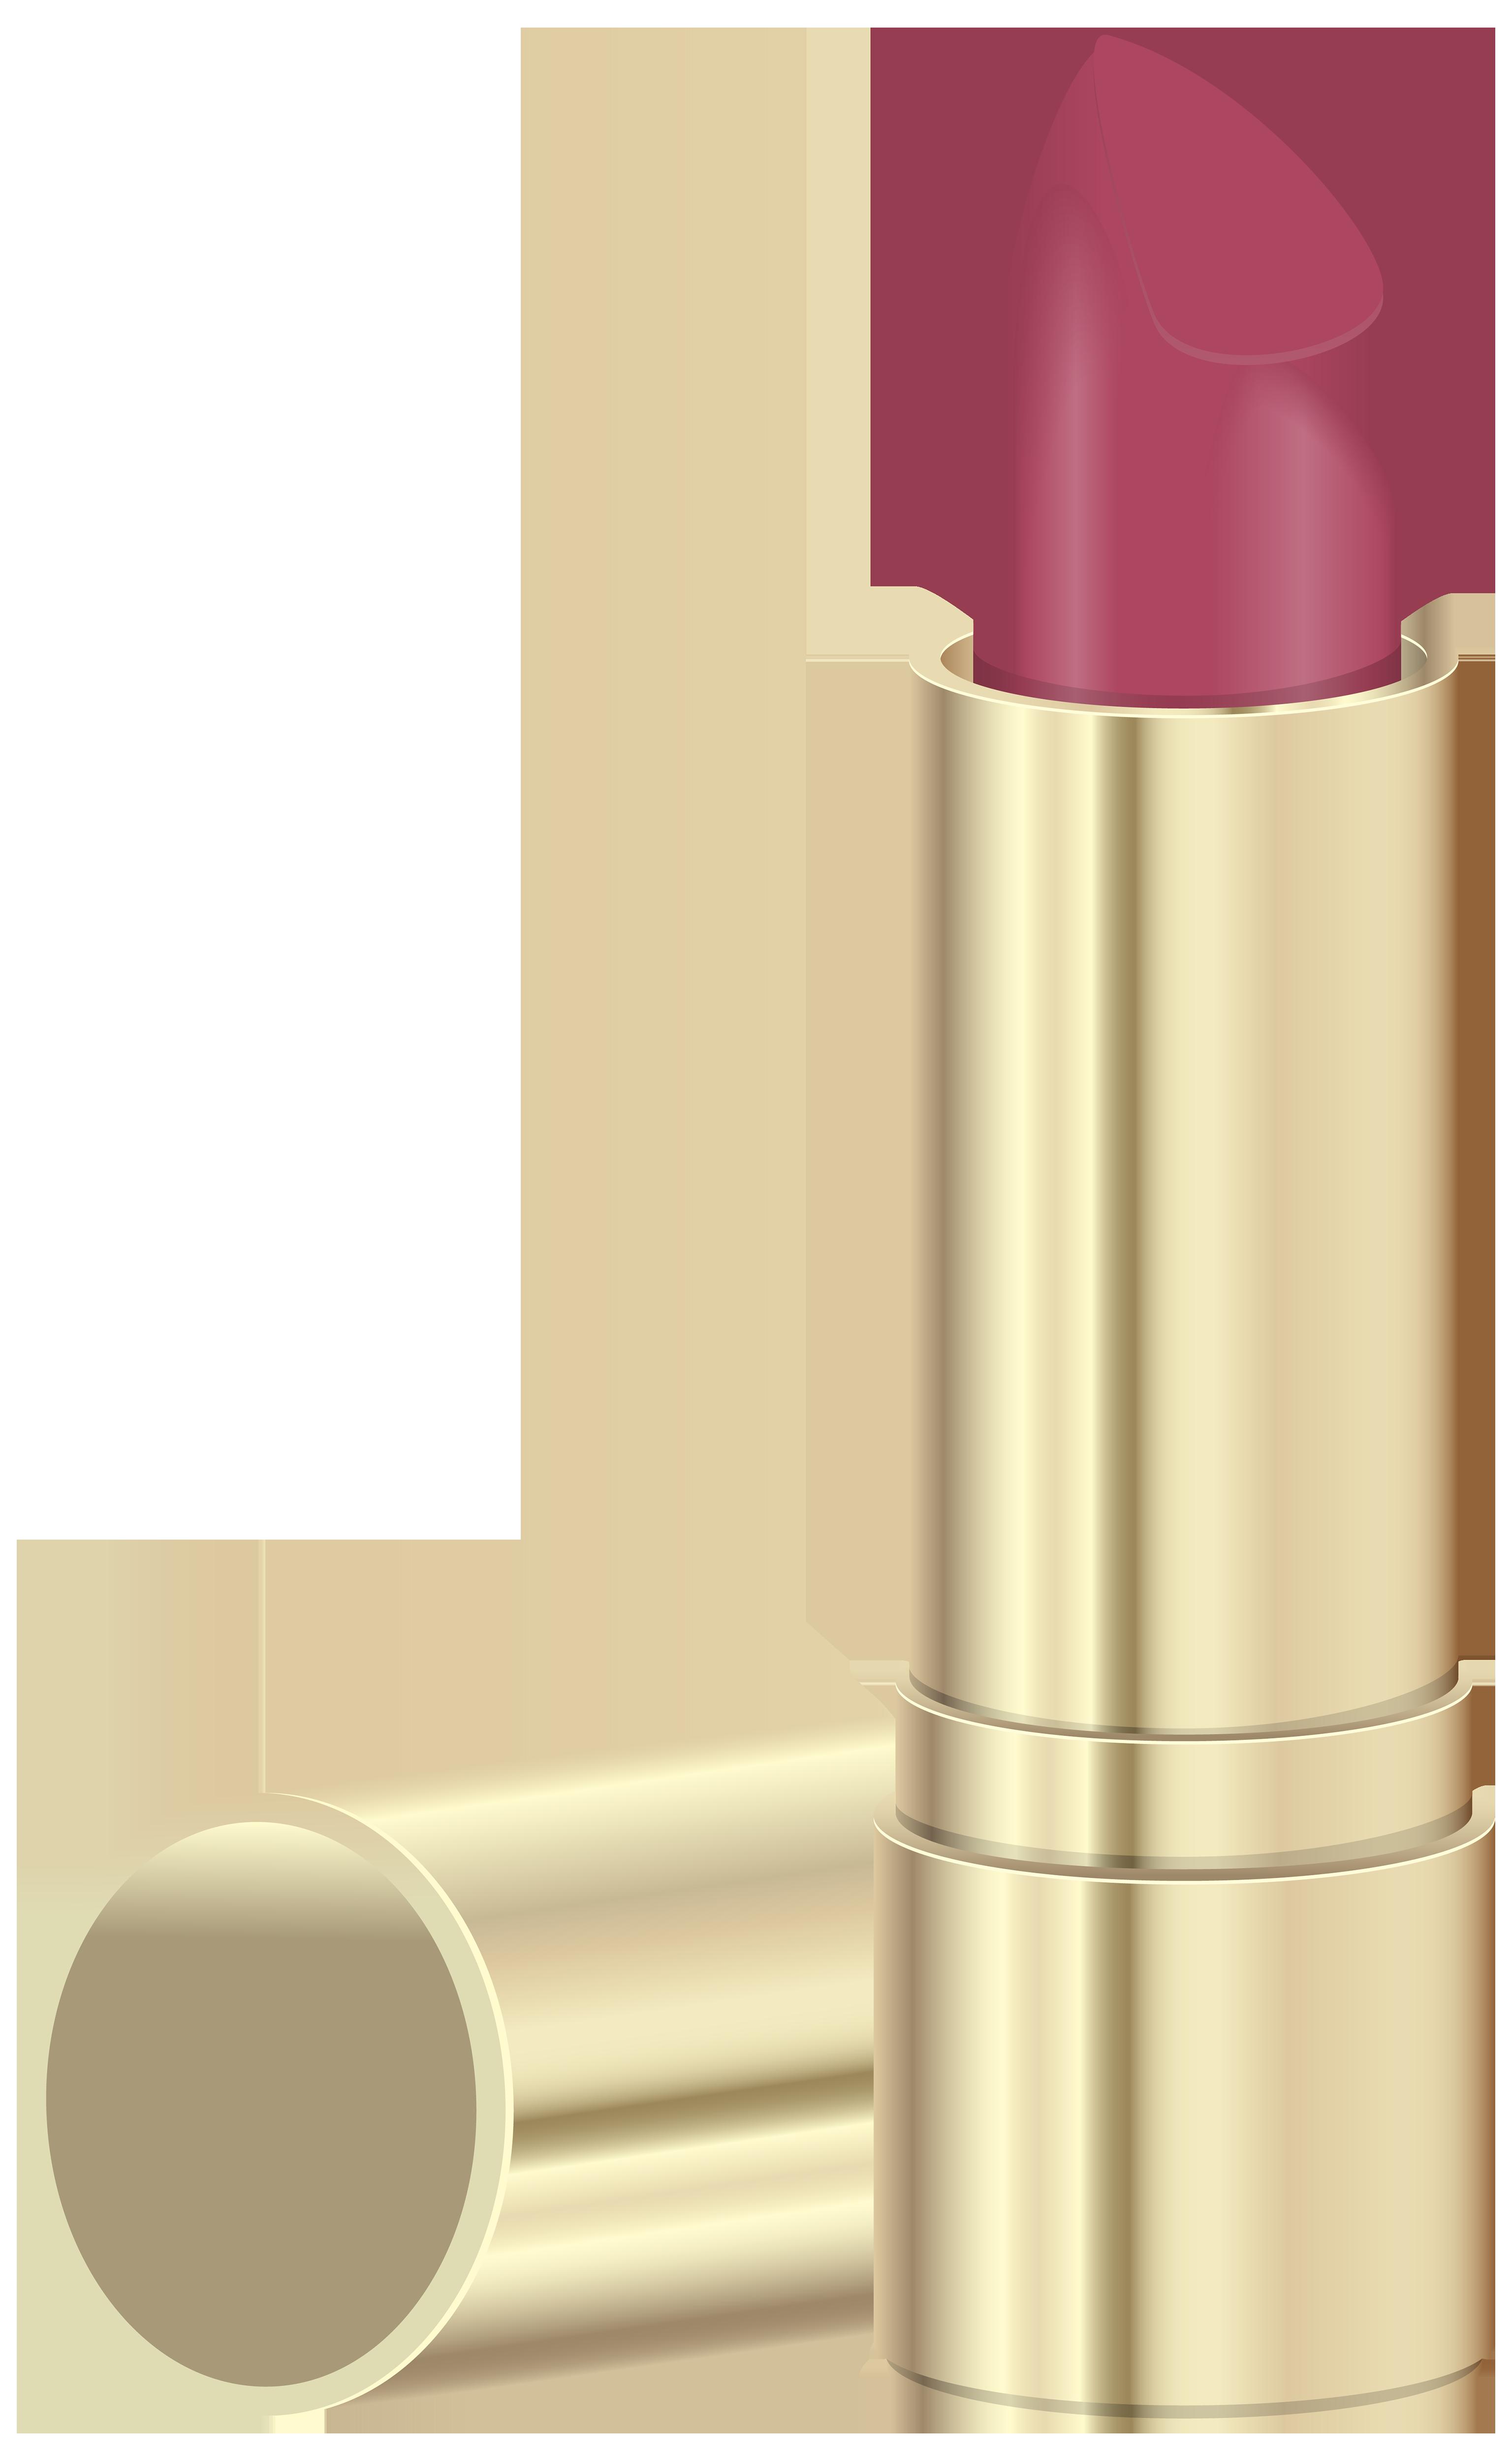 Lipstick Clipart.